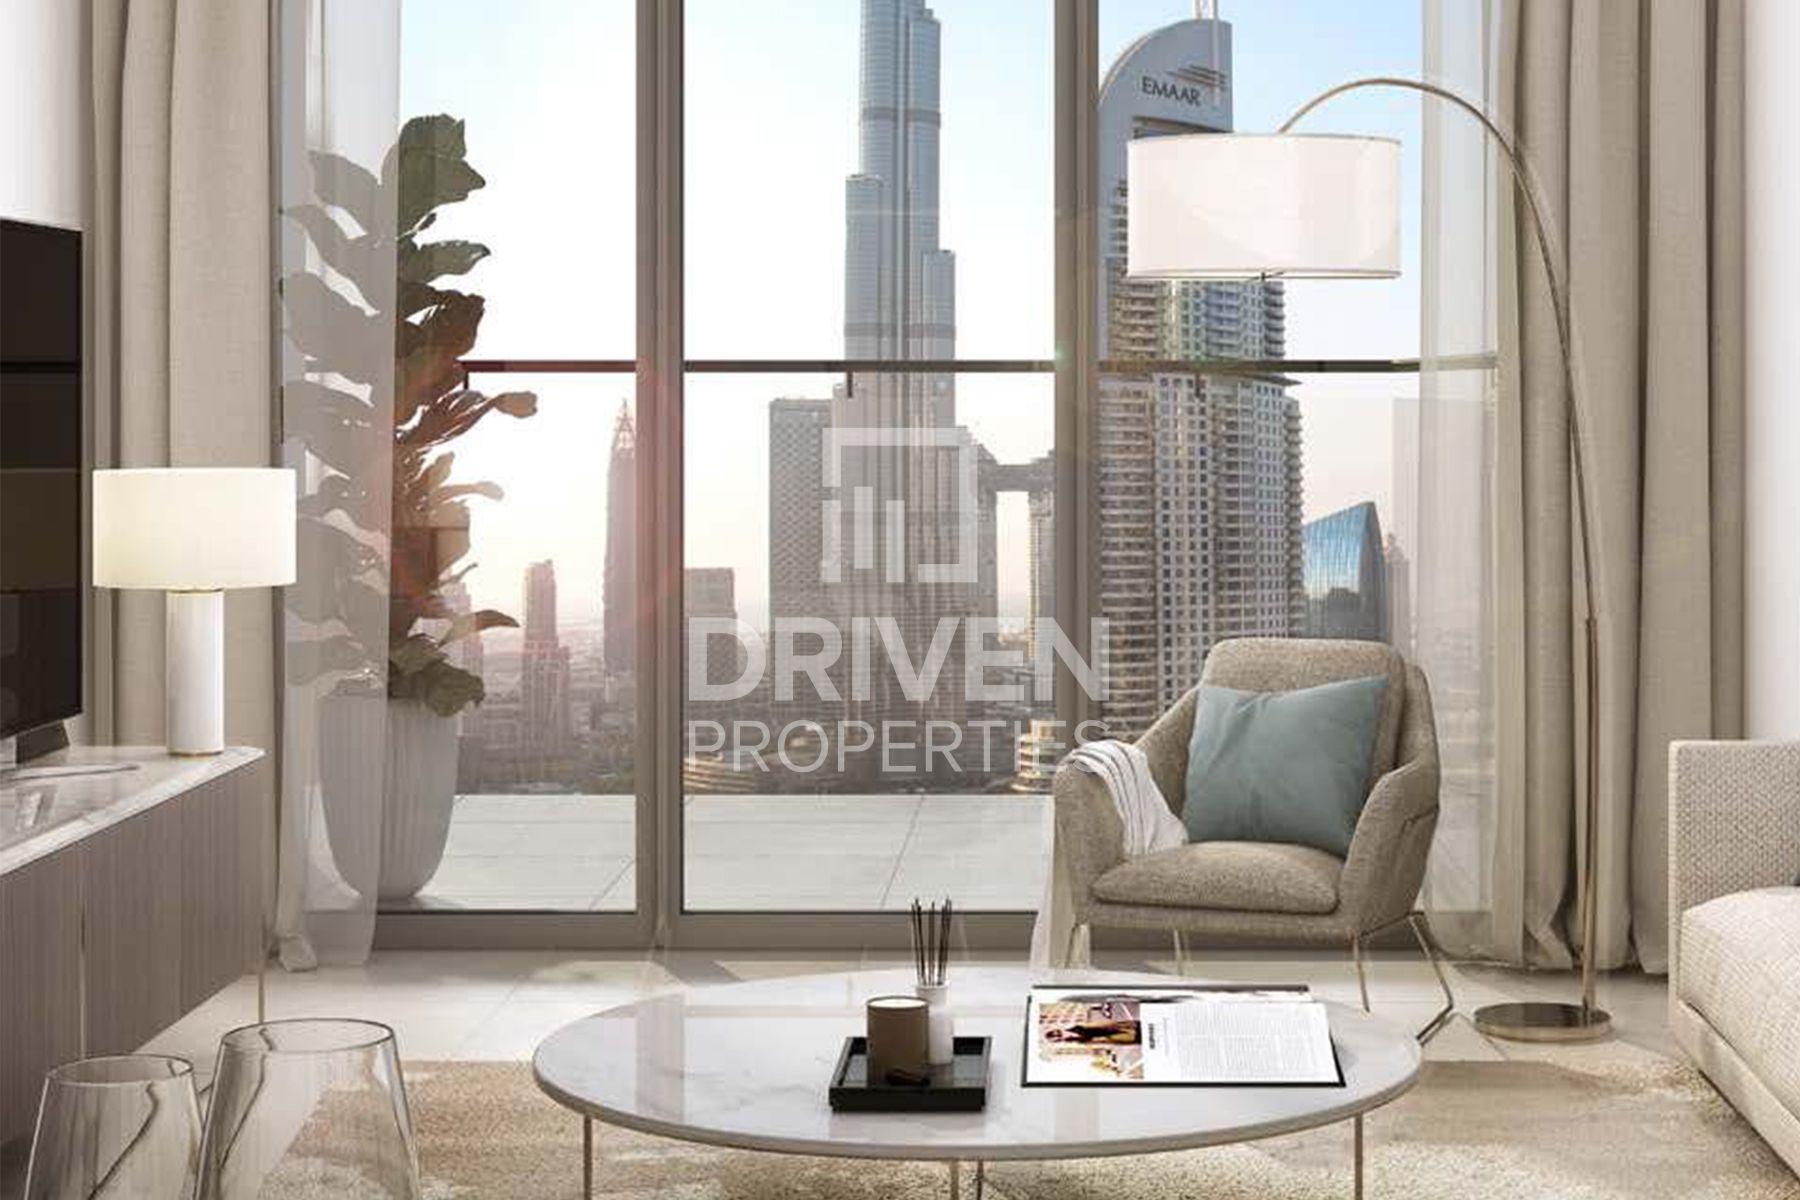 Spacious Apartment w/ Burj Khalifa Views